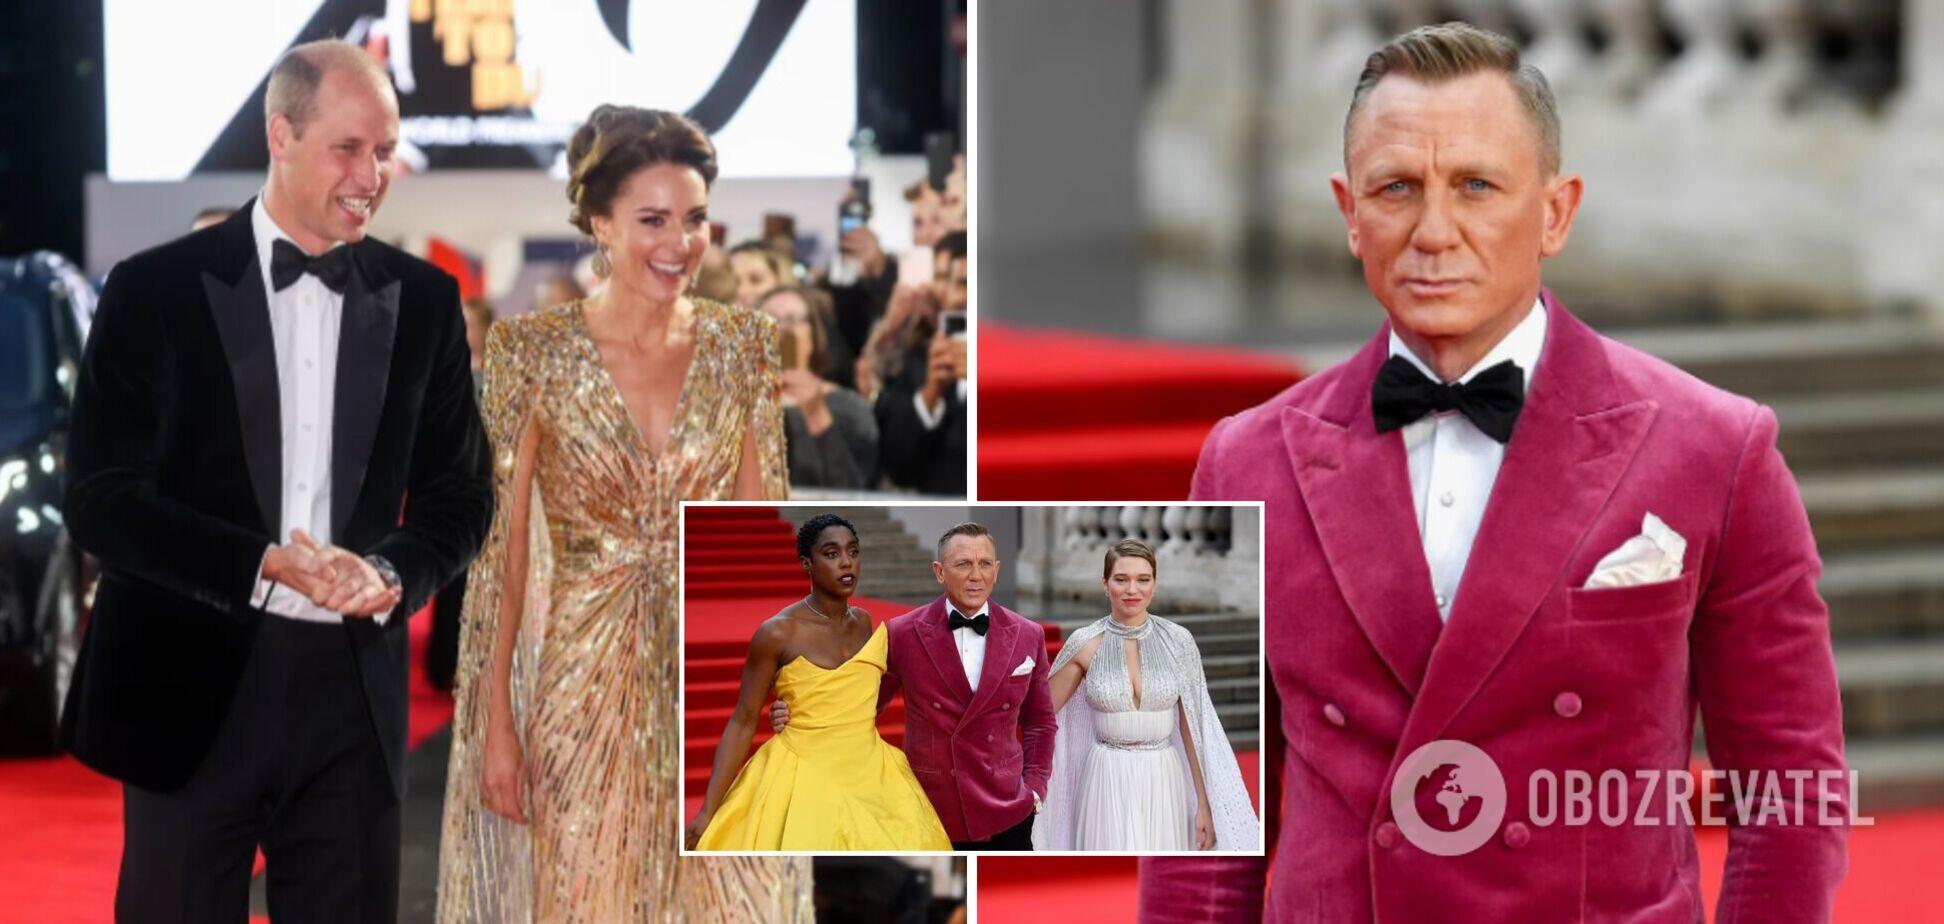 Члены королевской семьи и звезды кино: в Лондоне состоялась мировая премьера нового фильма Бондианы. Фото с красной дорожки